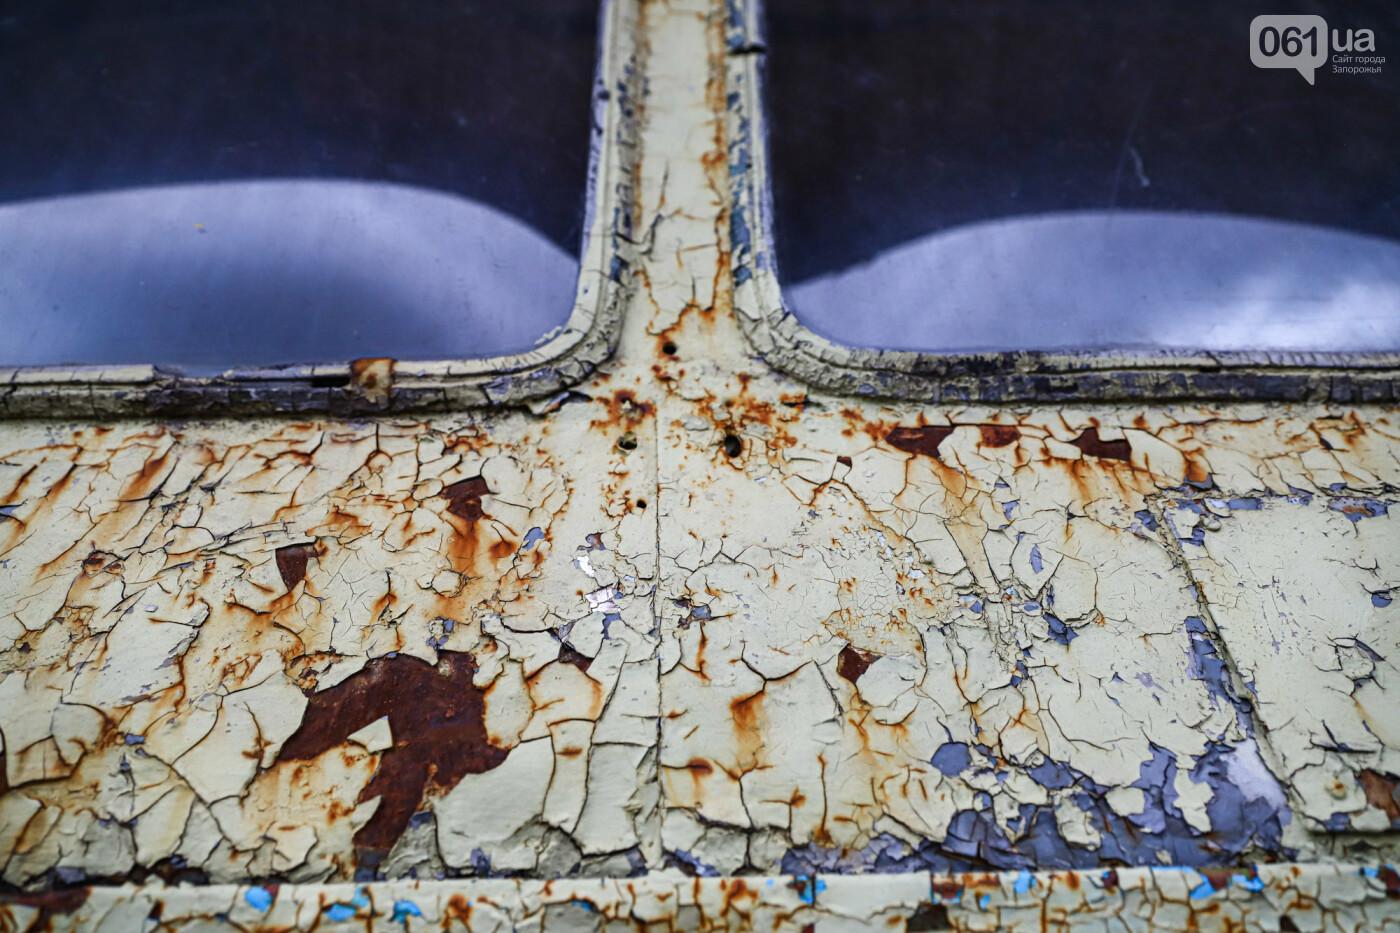 В Запорожье на месте зеленхоза одного из заводов появится Музей специального транспорта, - ФОТОРЕПОРТАЖ, фото-34